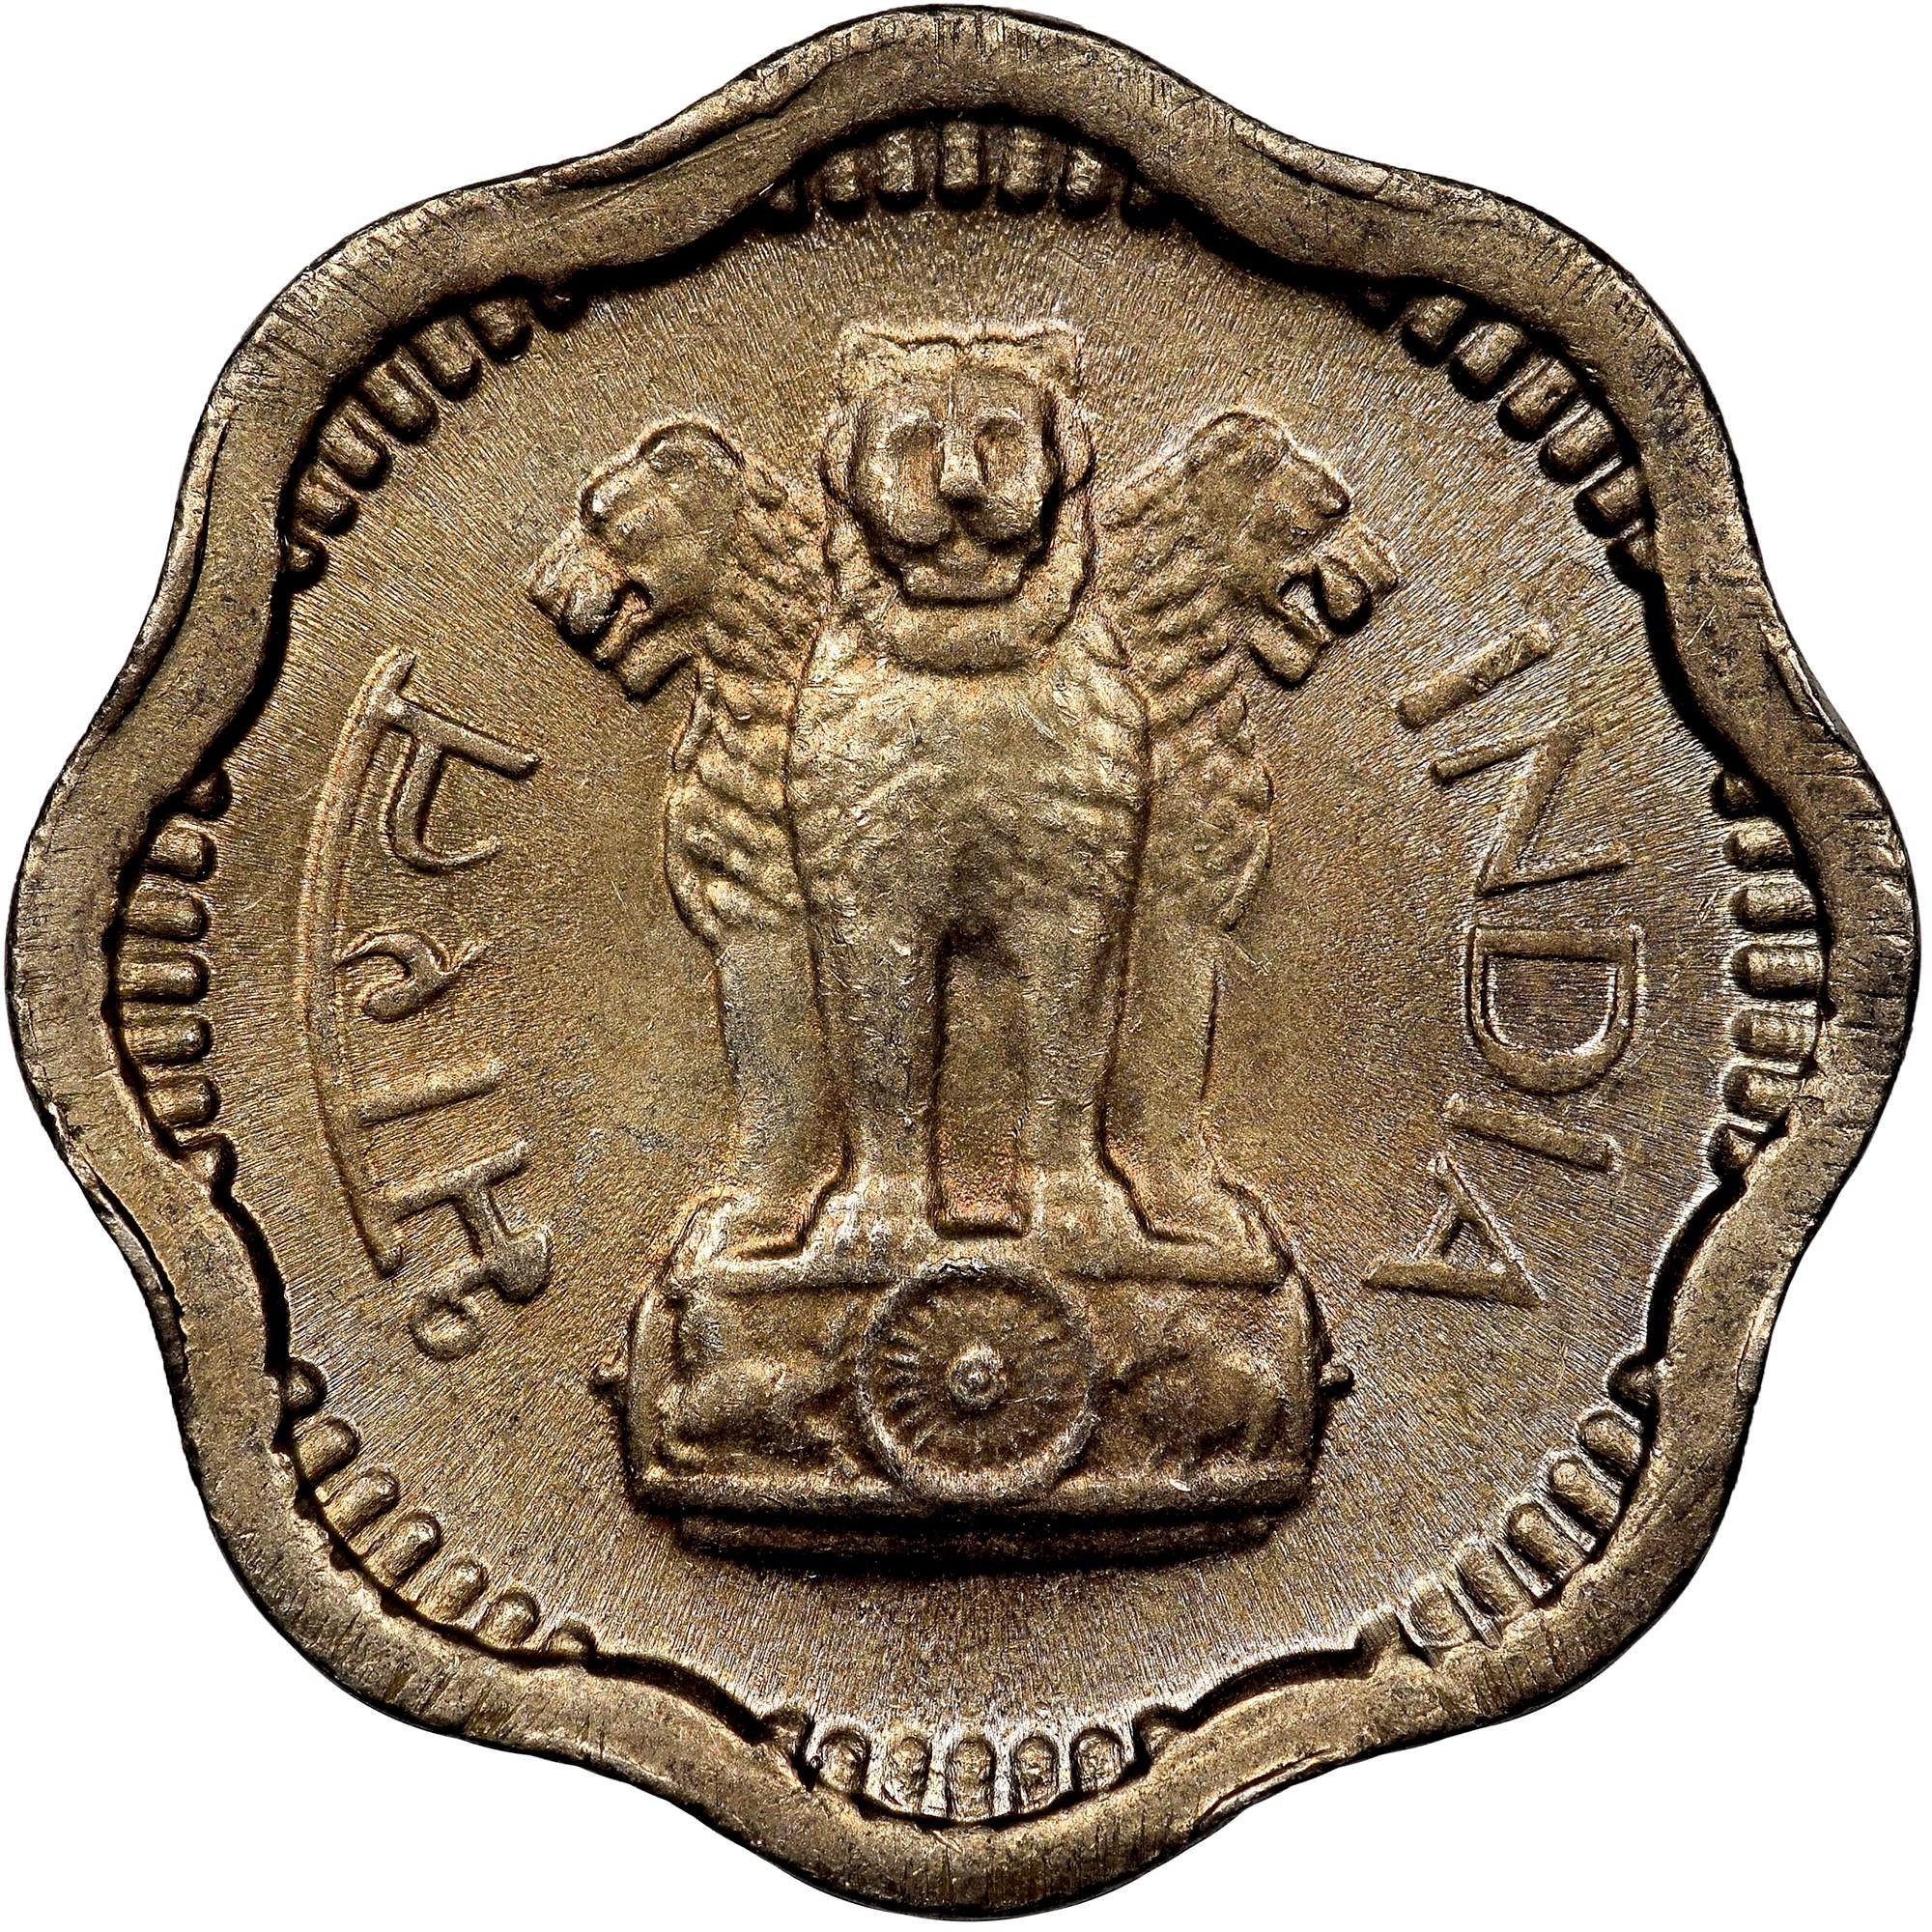 India-Republic 2 Paise obverse